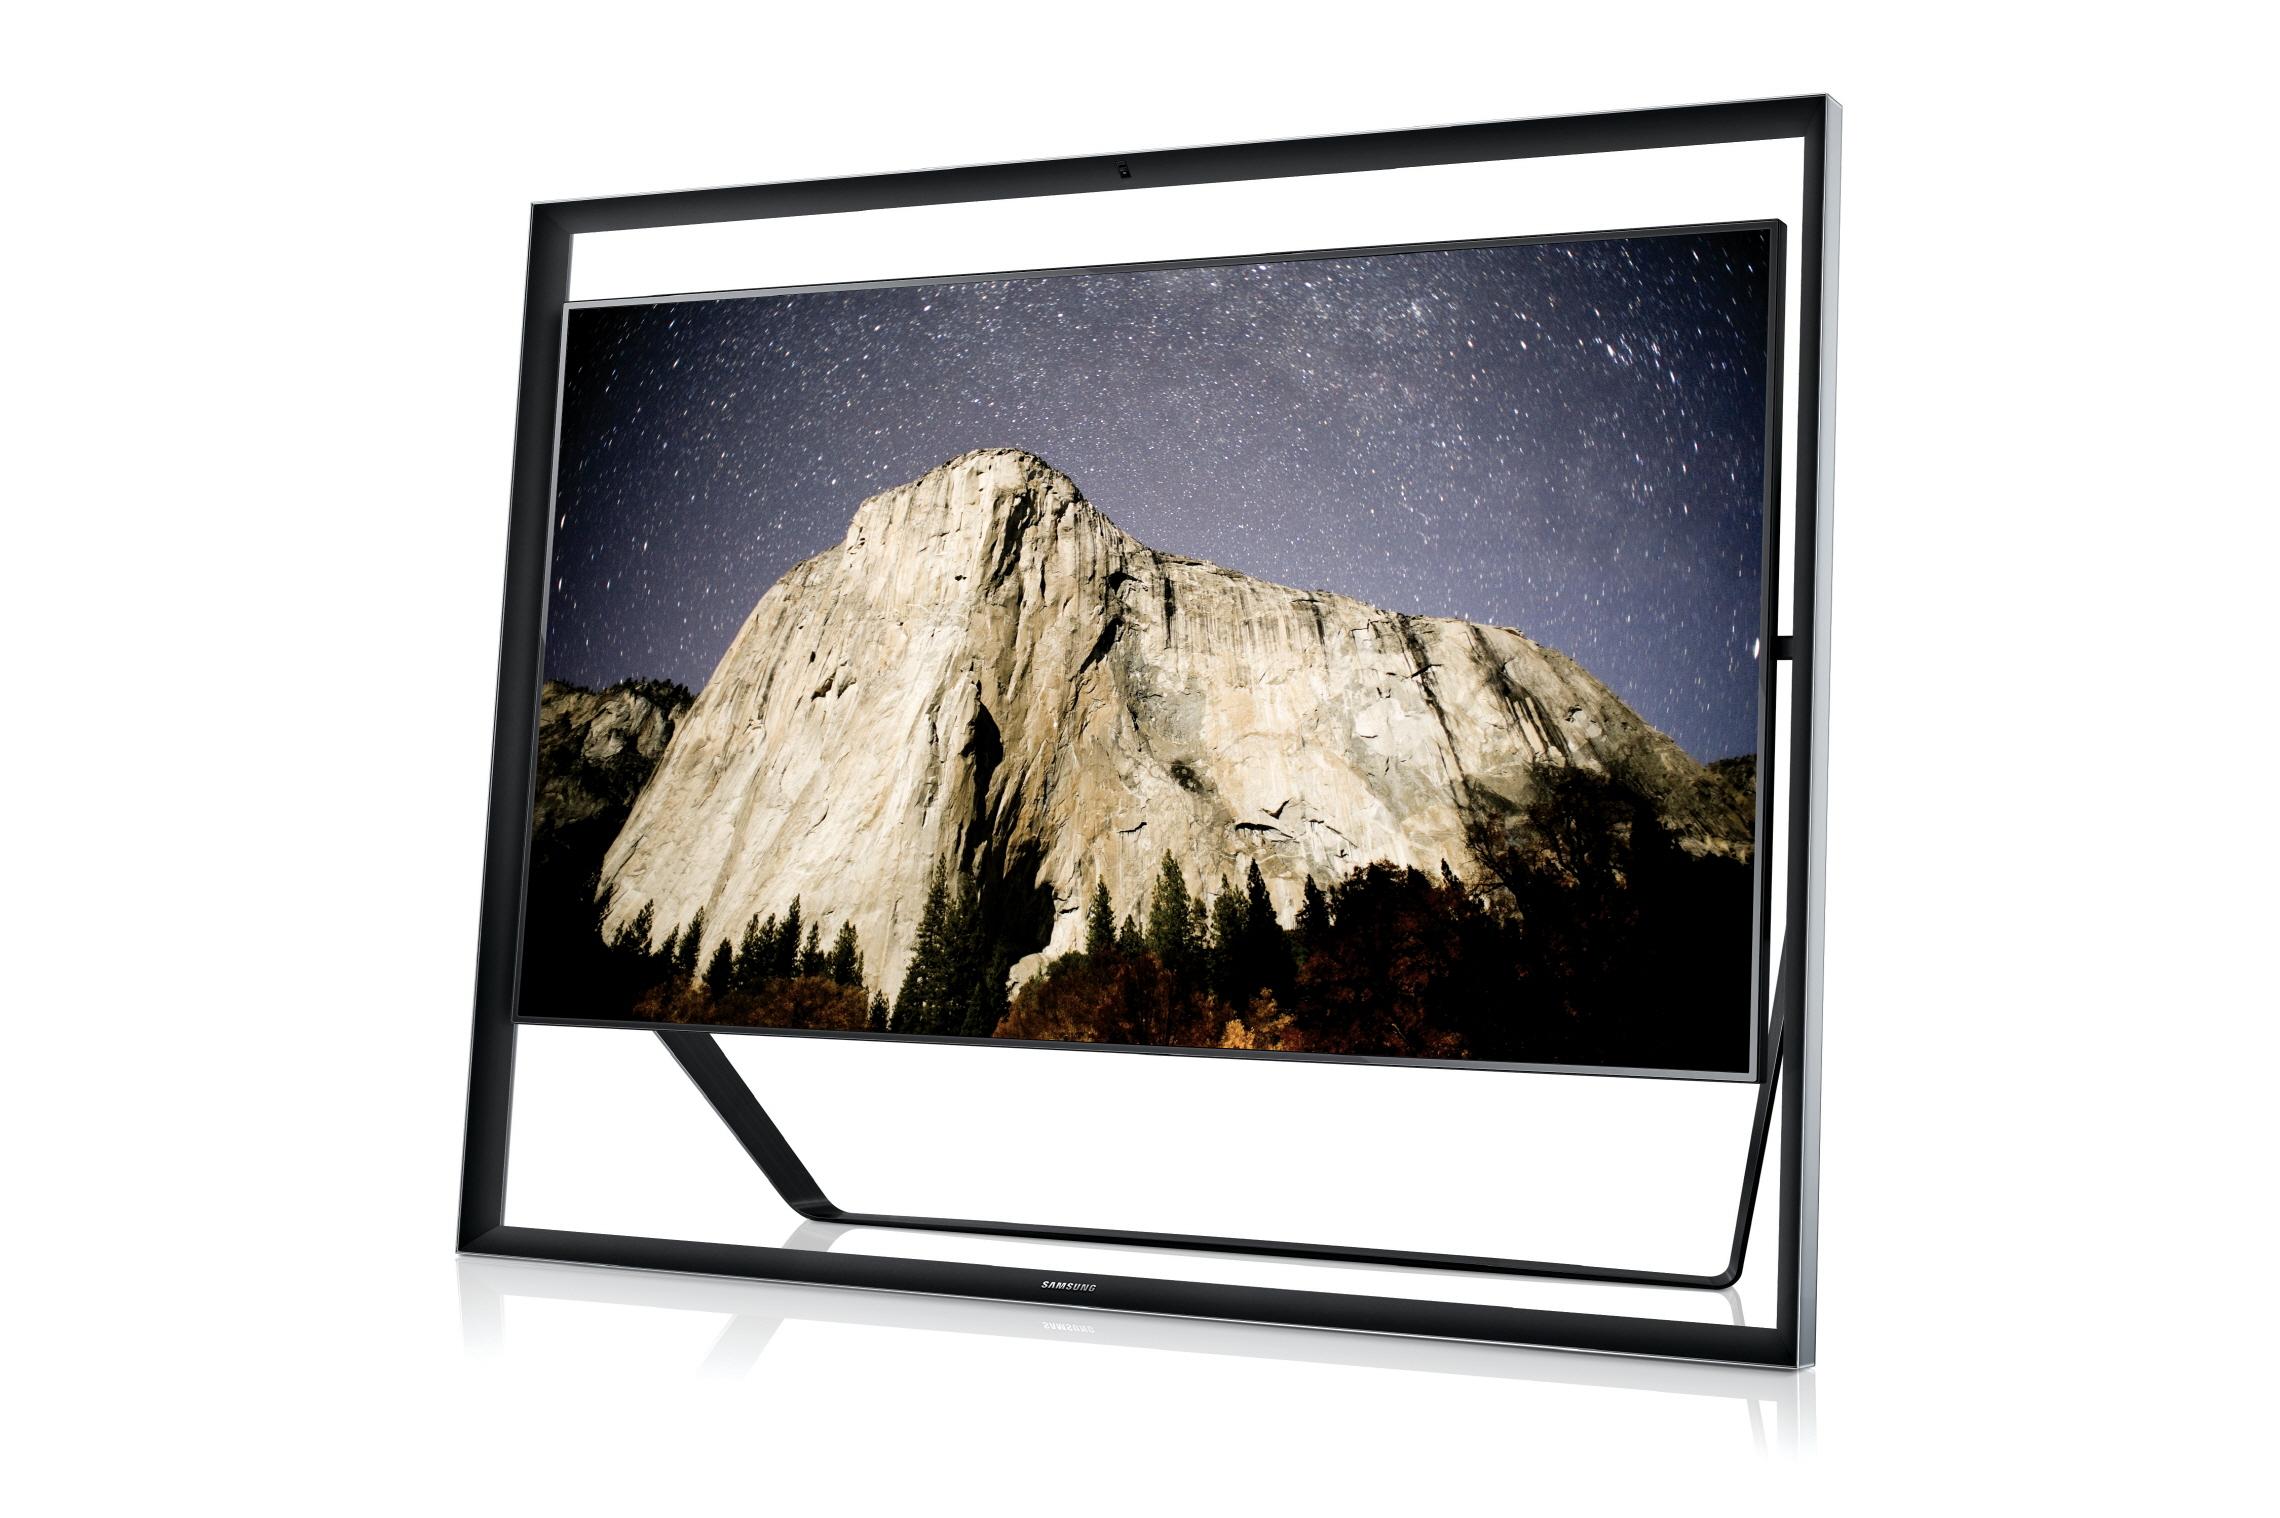 사진은 지난 1월 삼성전자가 선보인 세계 최대 85형 UHD TV인 85S9 이미지입니다.